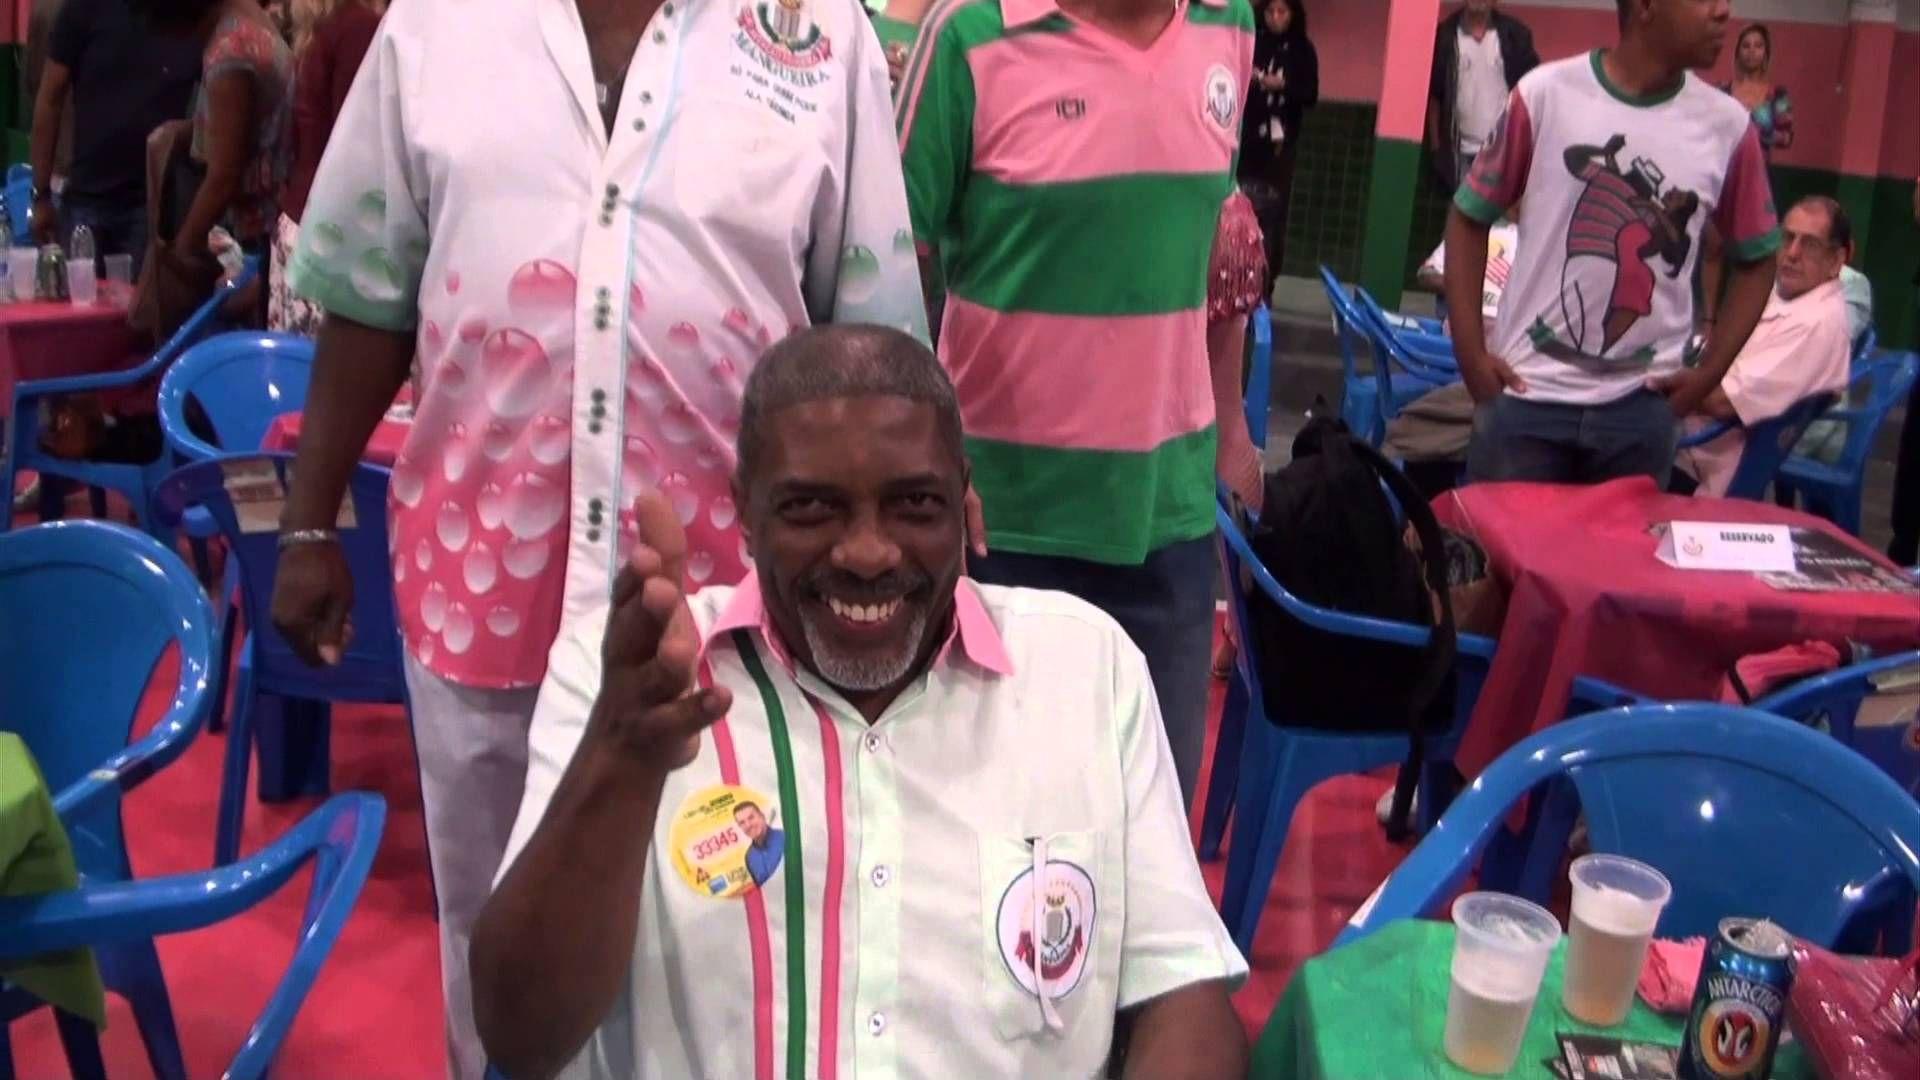 Mangueira Eliminatorias do Samba Enredo de 2015 - Parte 2